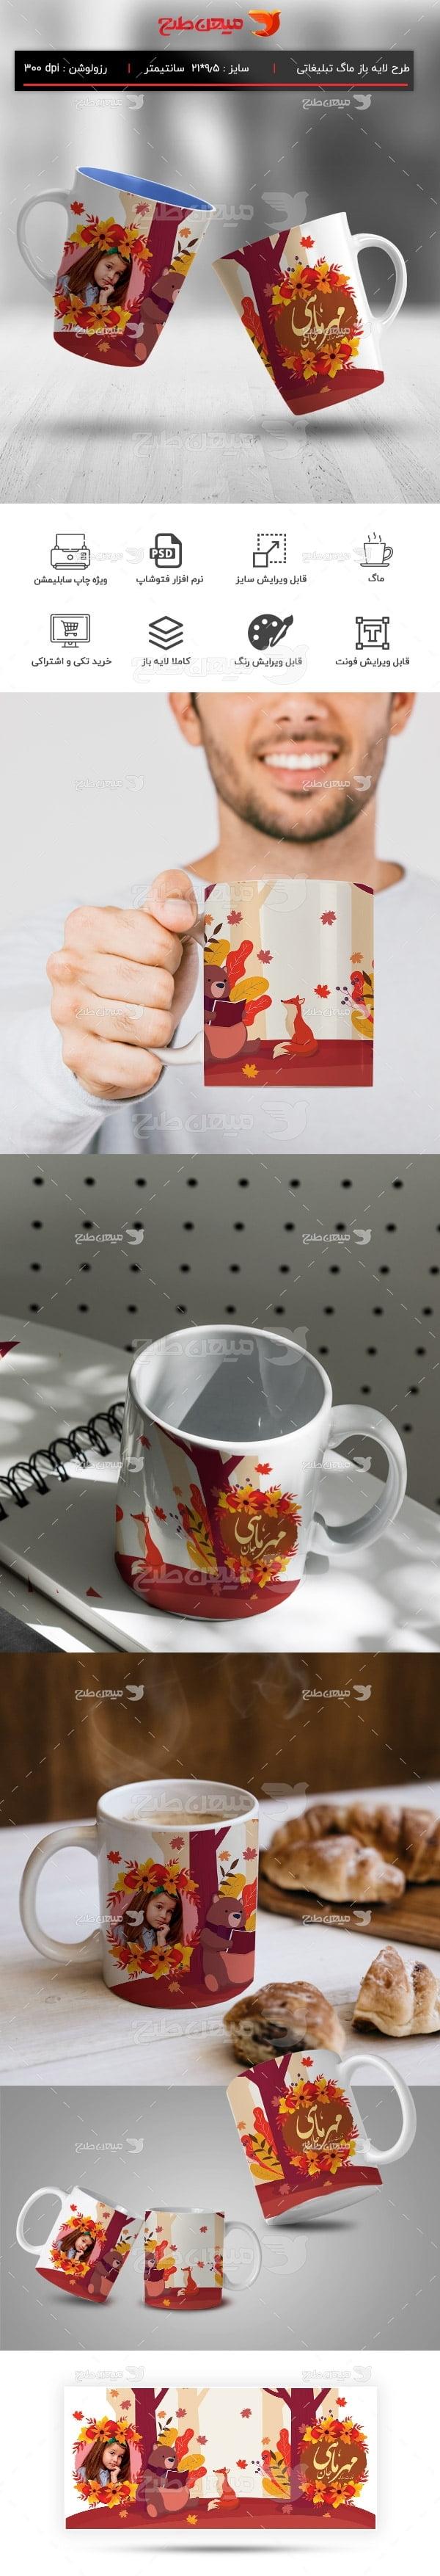 طرح لایه باز سابلیمیشن ماگ تبلیغاتی متولدین مهر